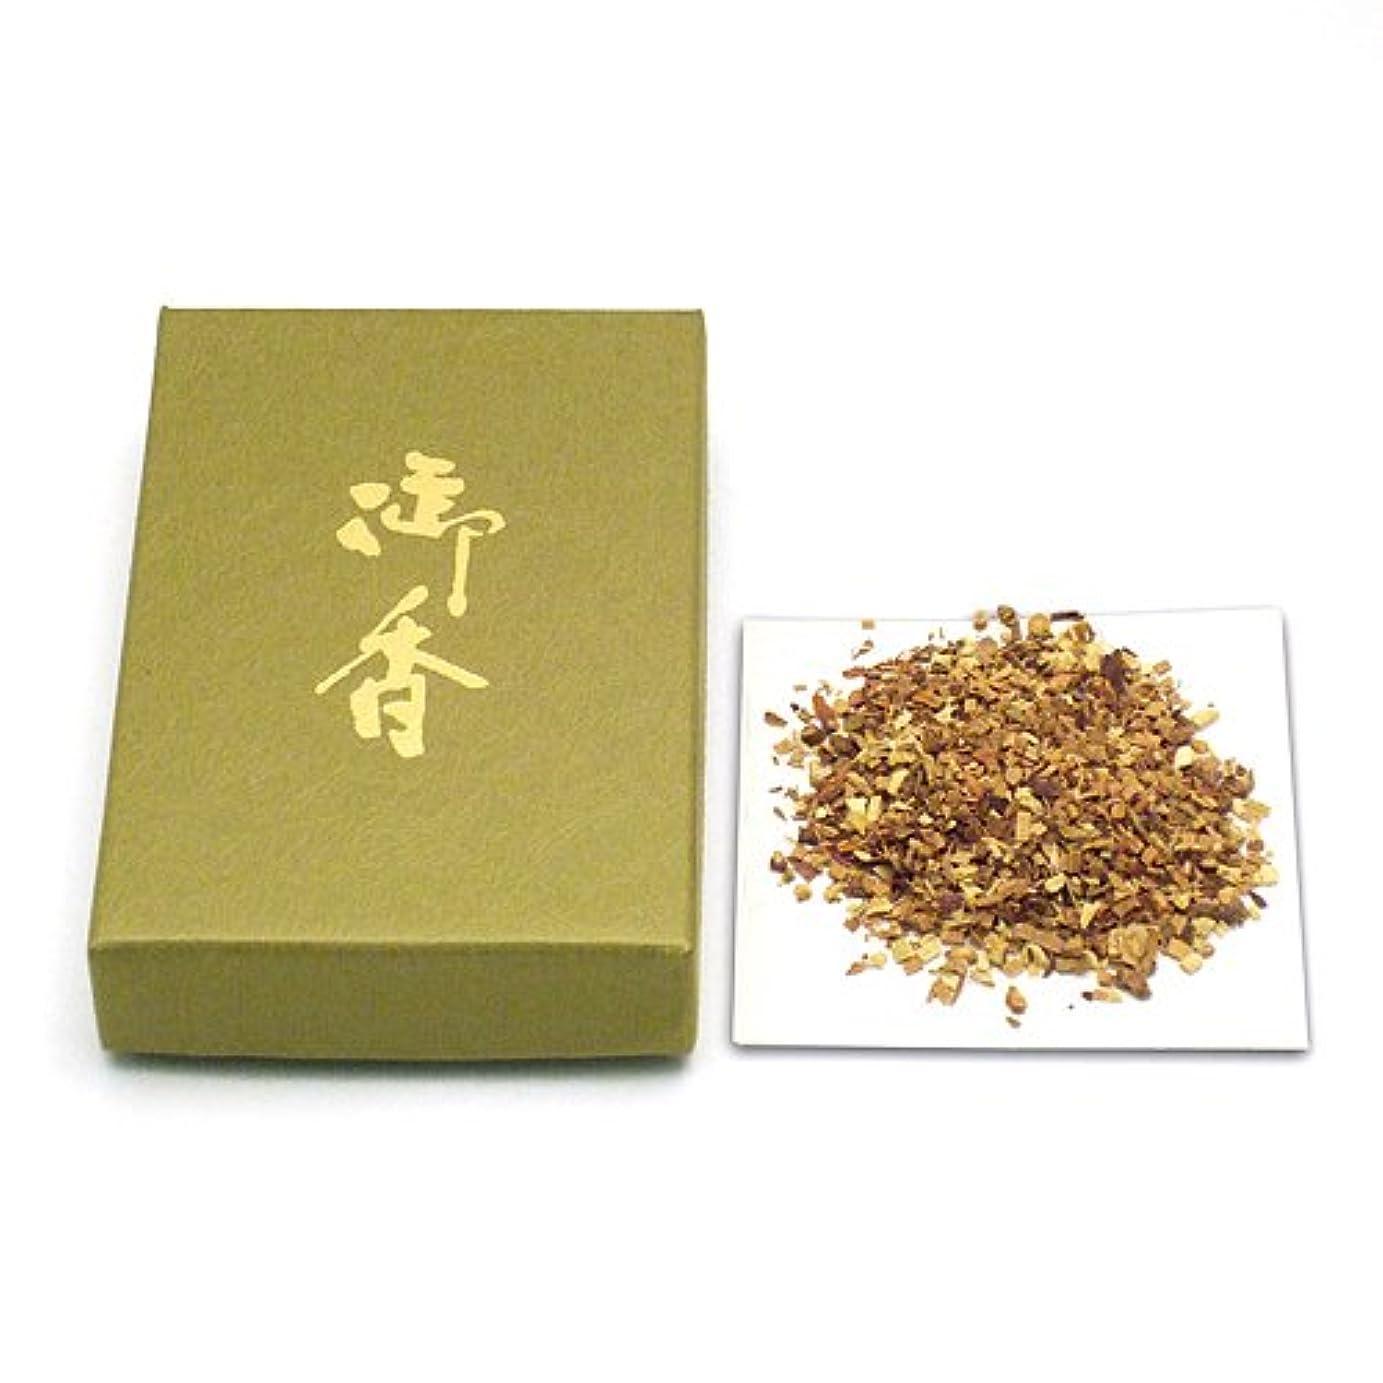 電圧昼寝除外する焼香用御香 超徳印 25g◆お焼香用の御香